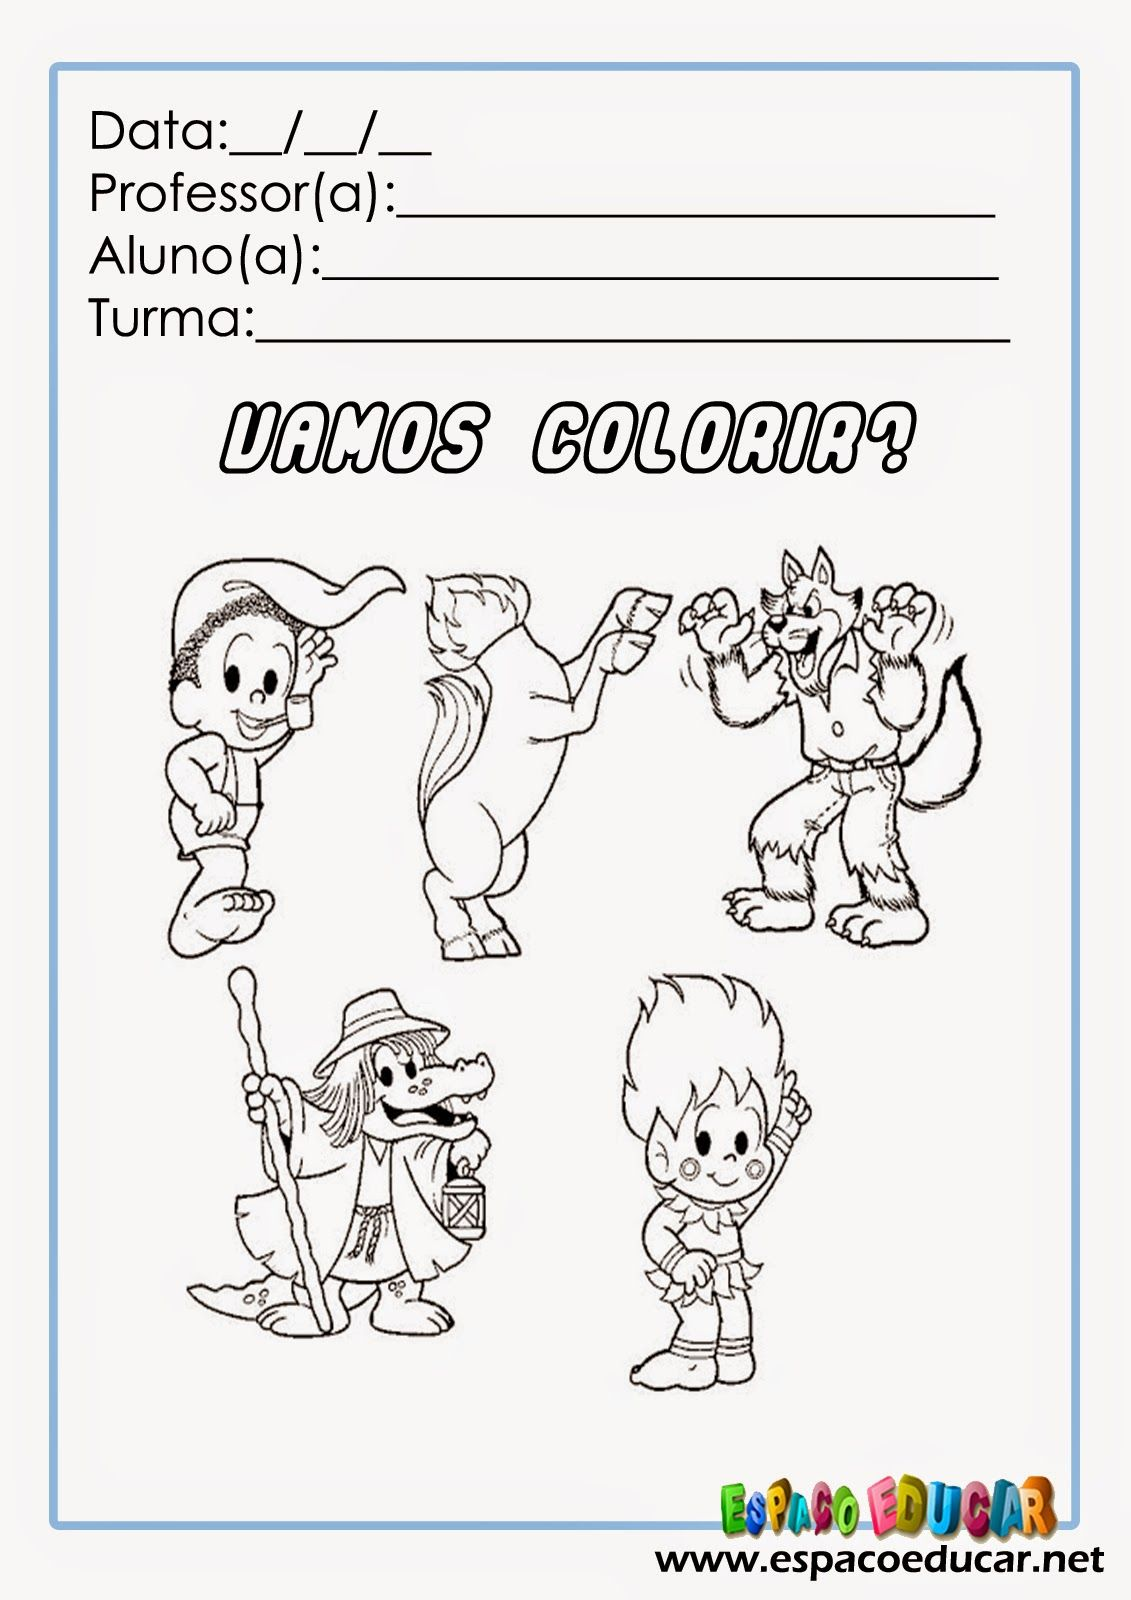 Desenhos Da Turma Da Monica No Folclore Para Colorir Livro De